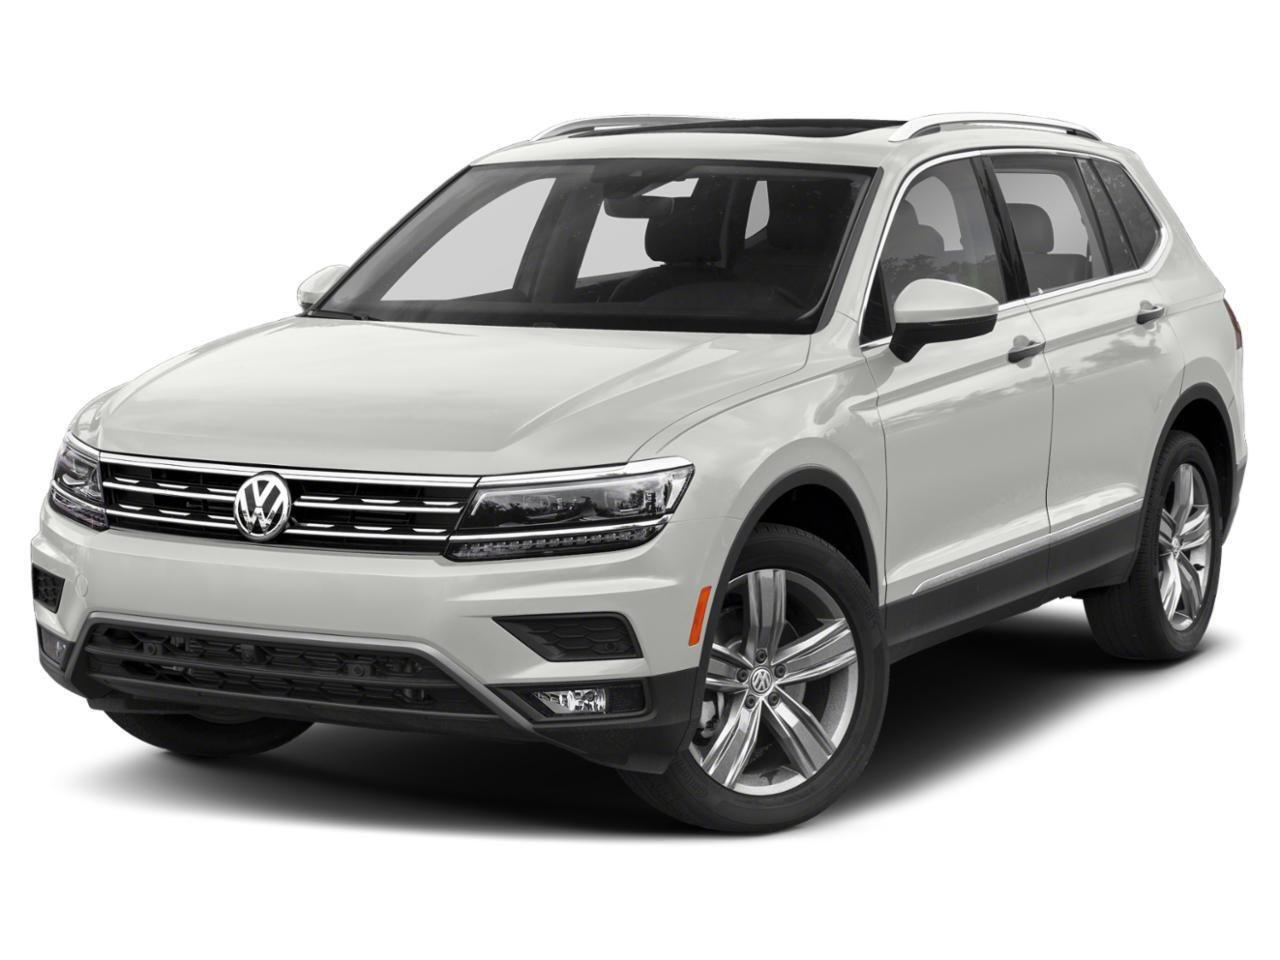 2018 Volkswagen Tiguan Image